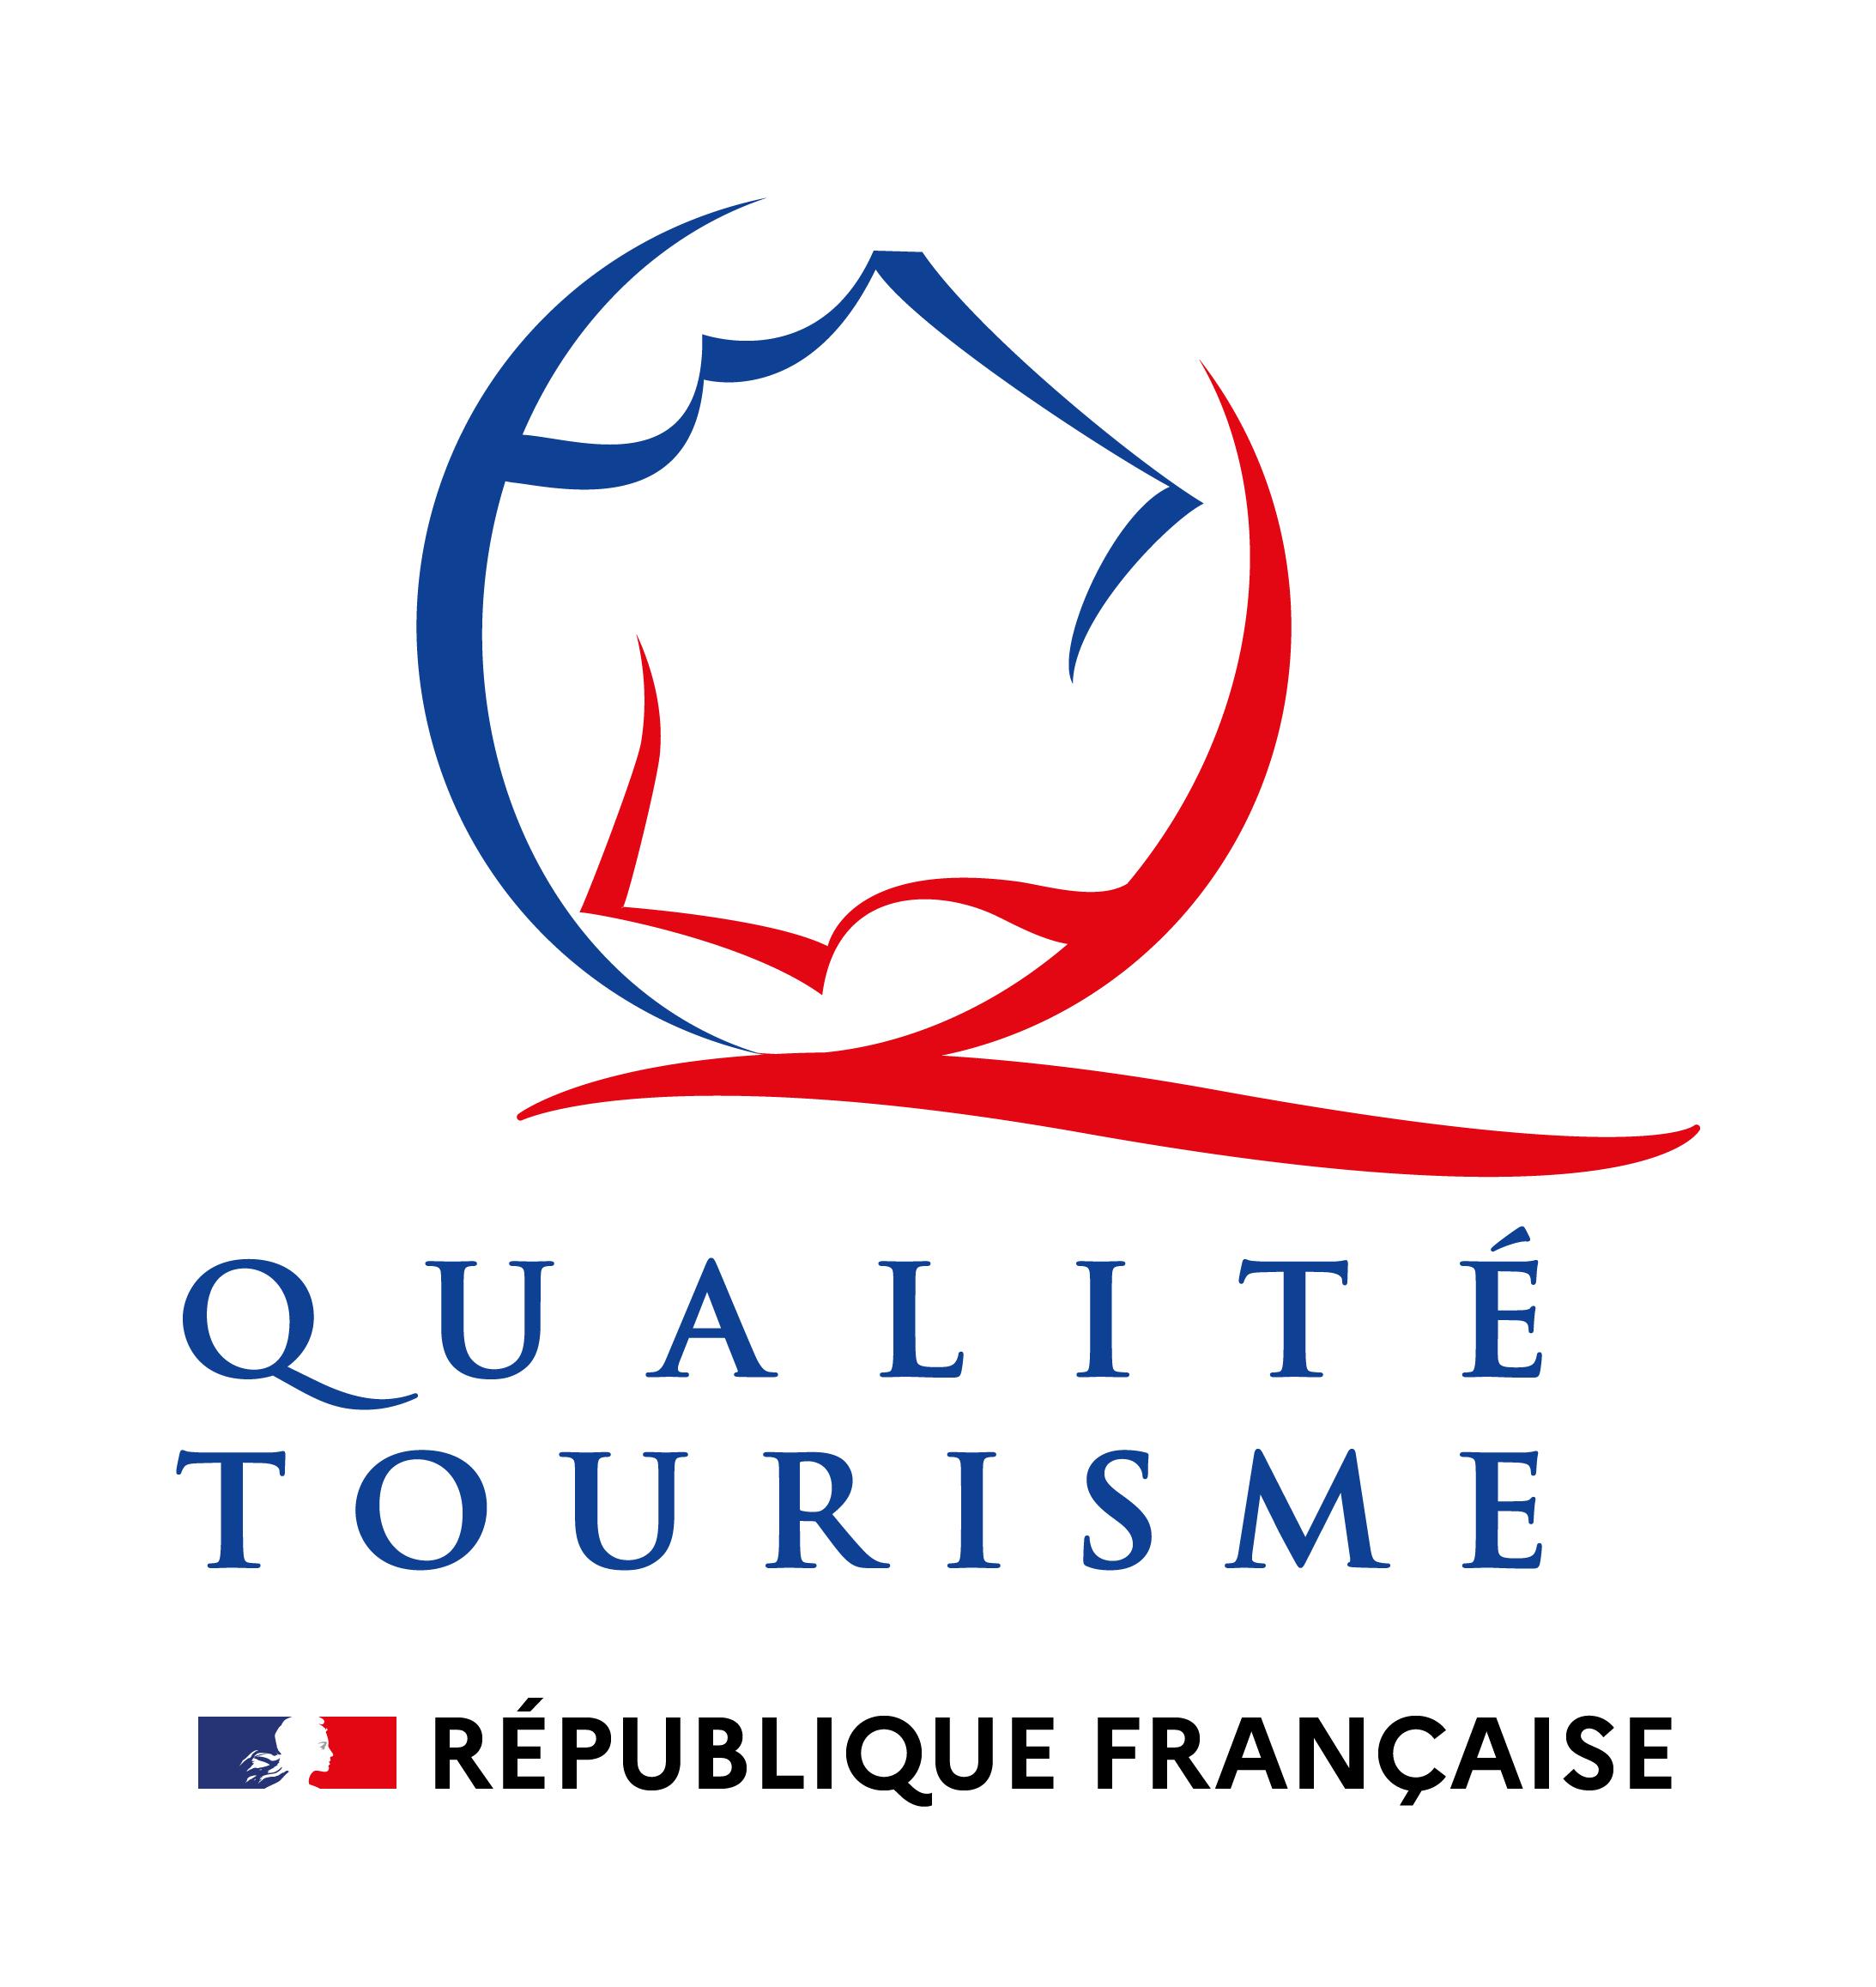 Qualite-tourisme